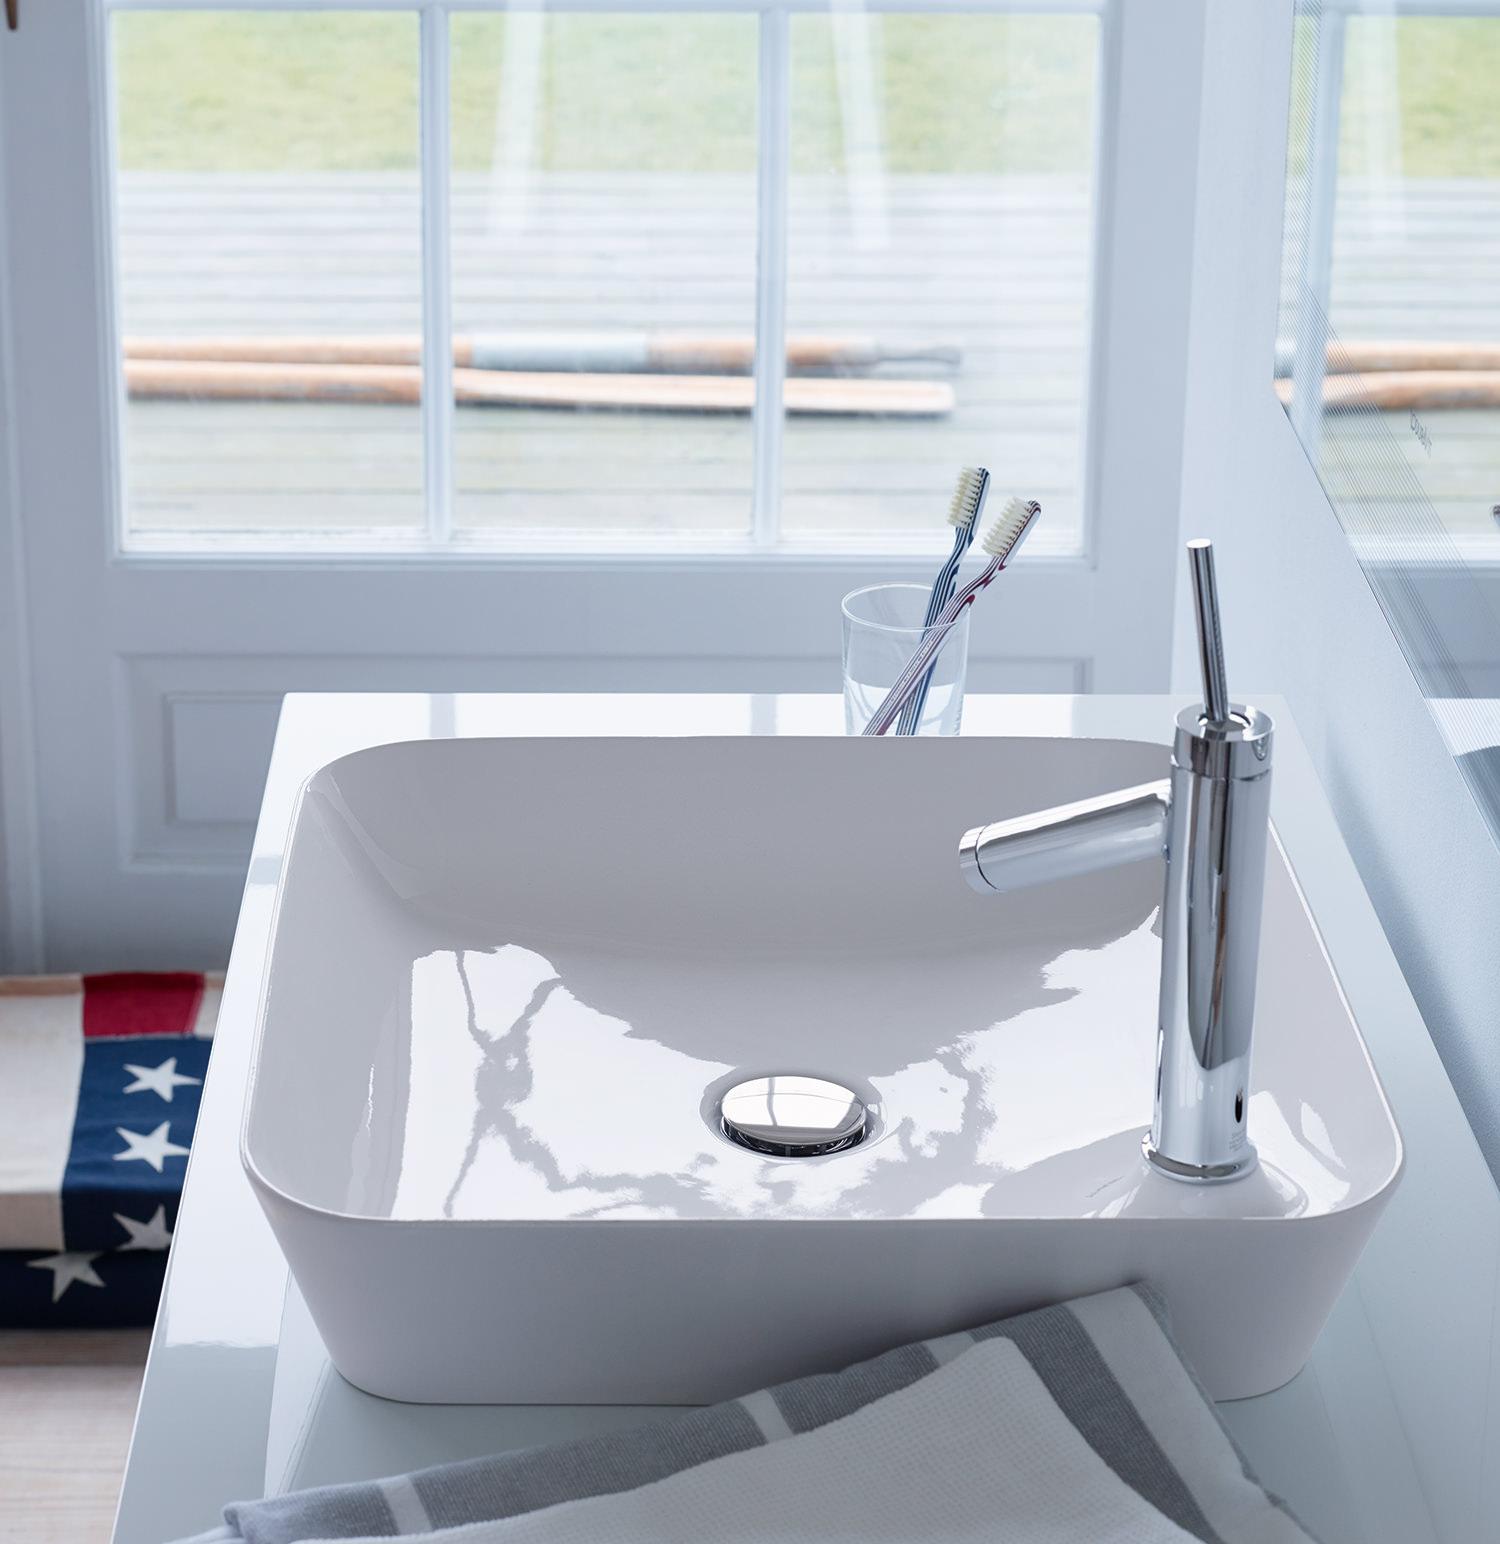 Duravit cape cod 460mm square wash bowl 2340460000 - Duravit bathroom furniture uk ...